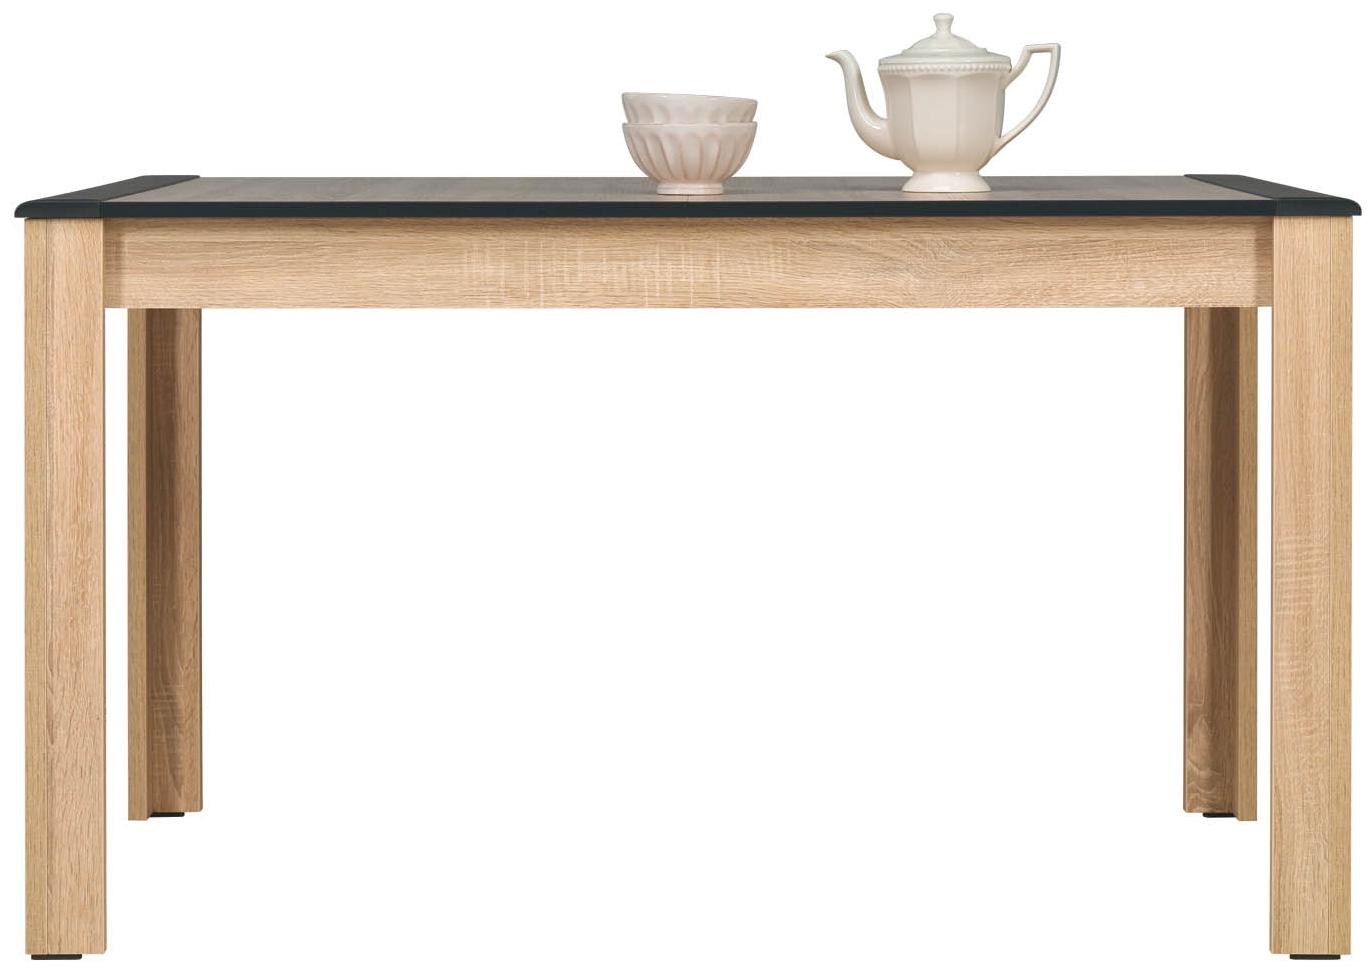 Jedálenský stôl - Bog Fran - Naomi - NA 12 (pre 4 až 8 osôb). Sme autorizovaný predajca Bog Fran. Vlastná spoľahlivá doprava až k Vám domov.